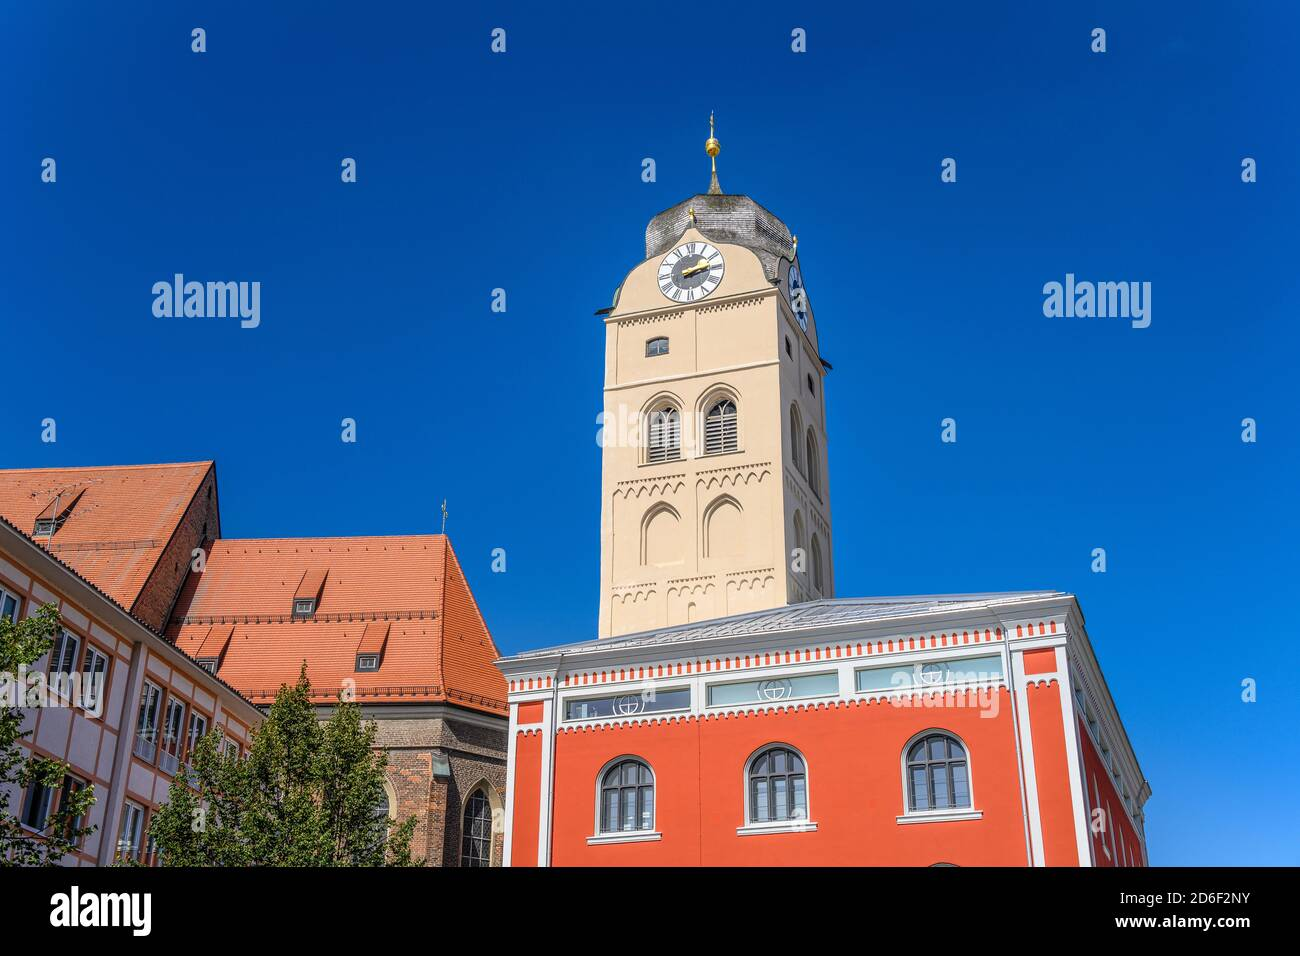 Alemania, Baviera, Alta Baviera, Erding, Schrannenplatz, schrannenhalle con la torre de la ciudad, el campanario de la iglesia parroquial de la ciudad de San Johann Foto de stock